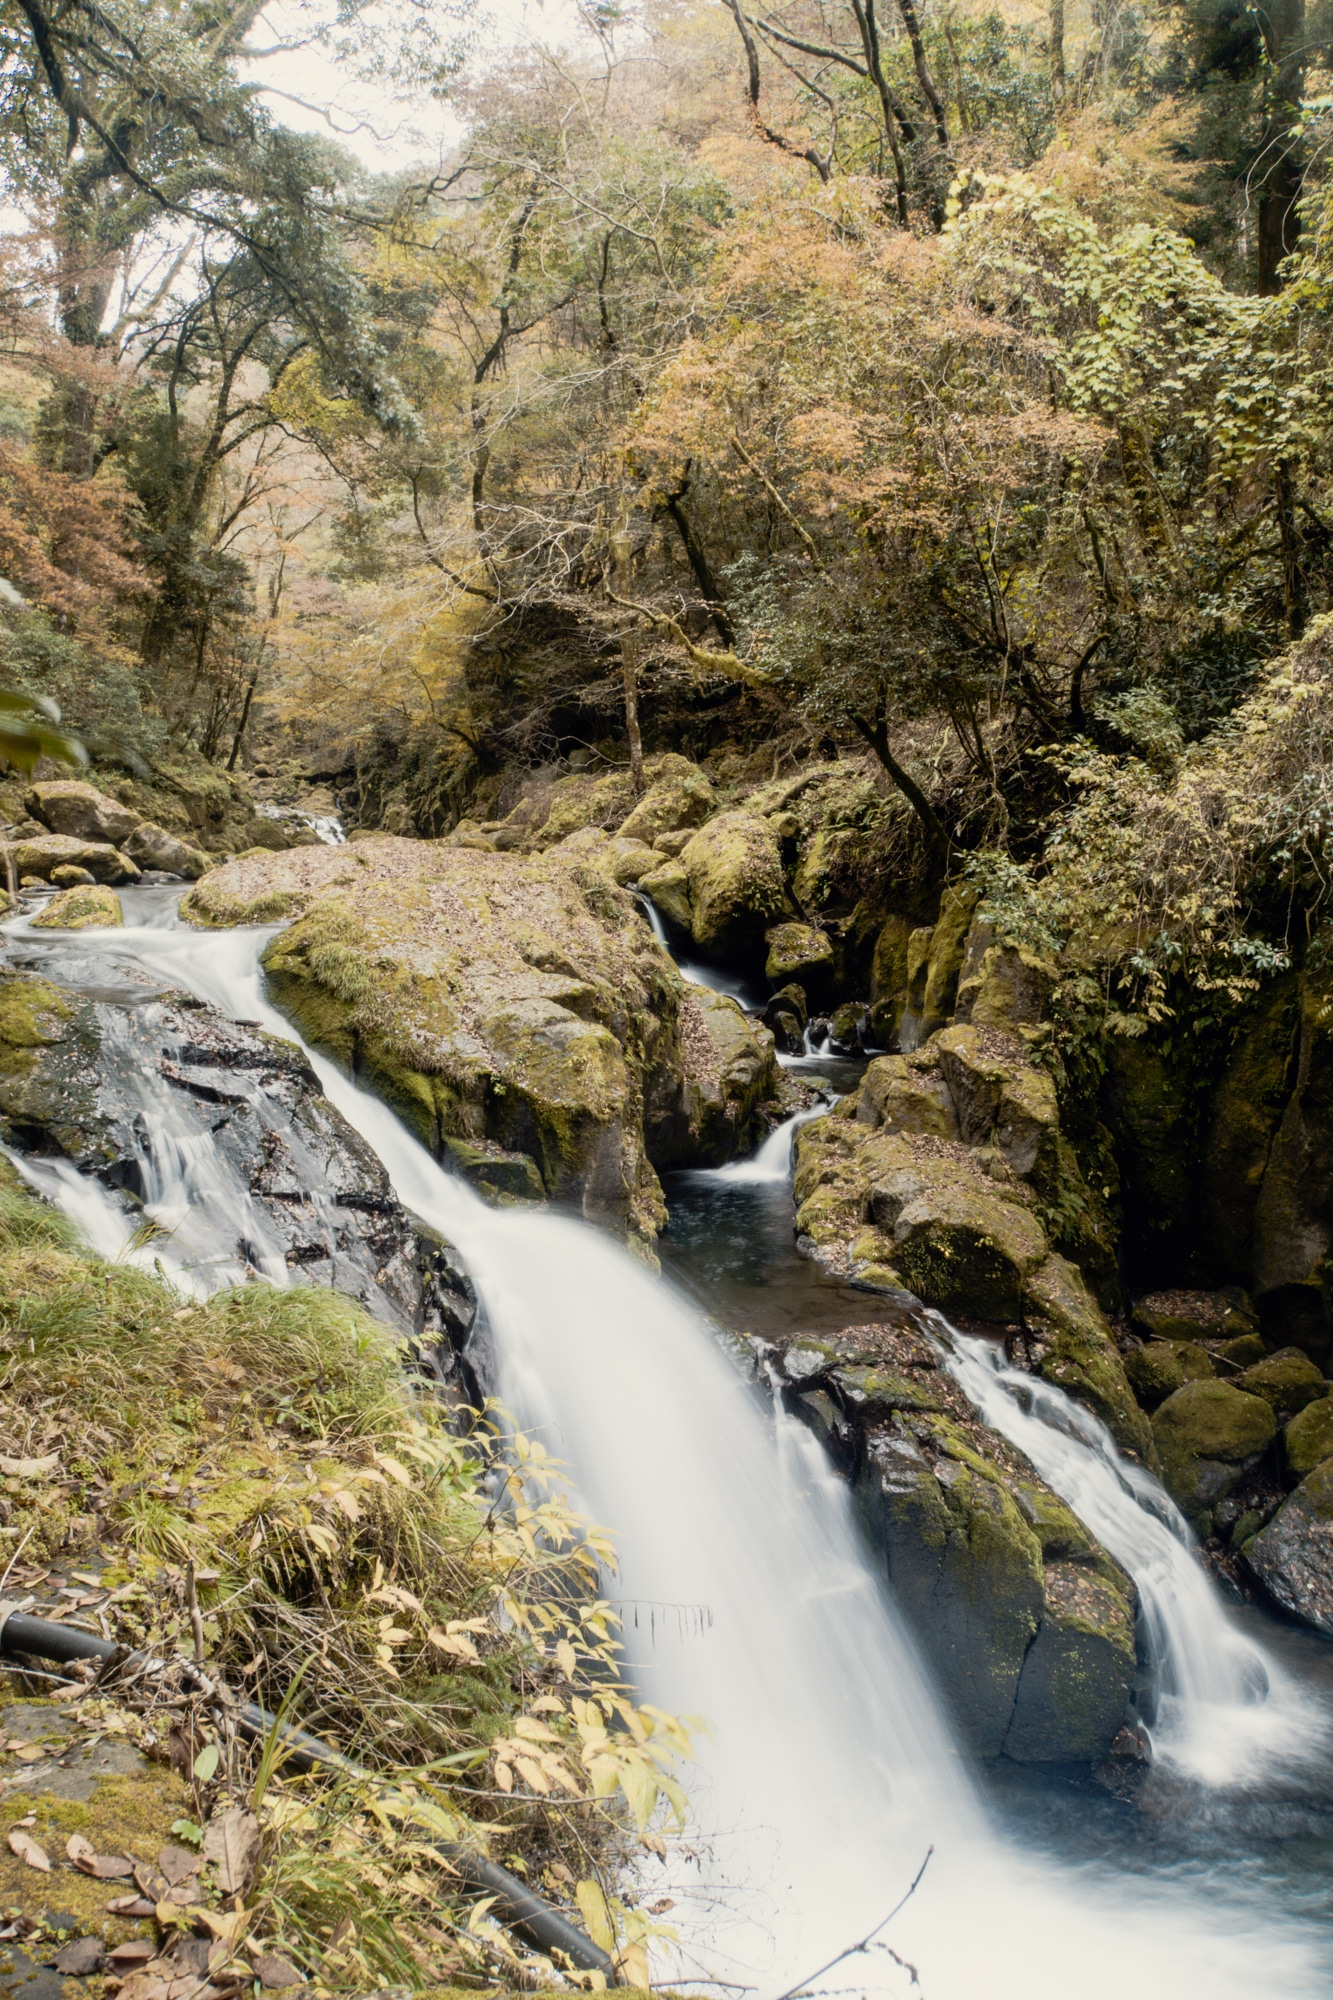 Kyushu Rundreise: Reisetipps, Onsen und Highlights in Japans Süden - Kikuchi Schlucht